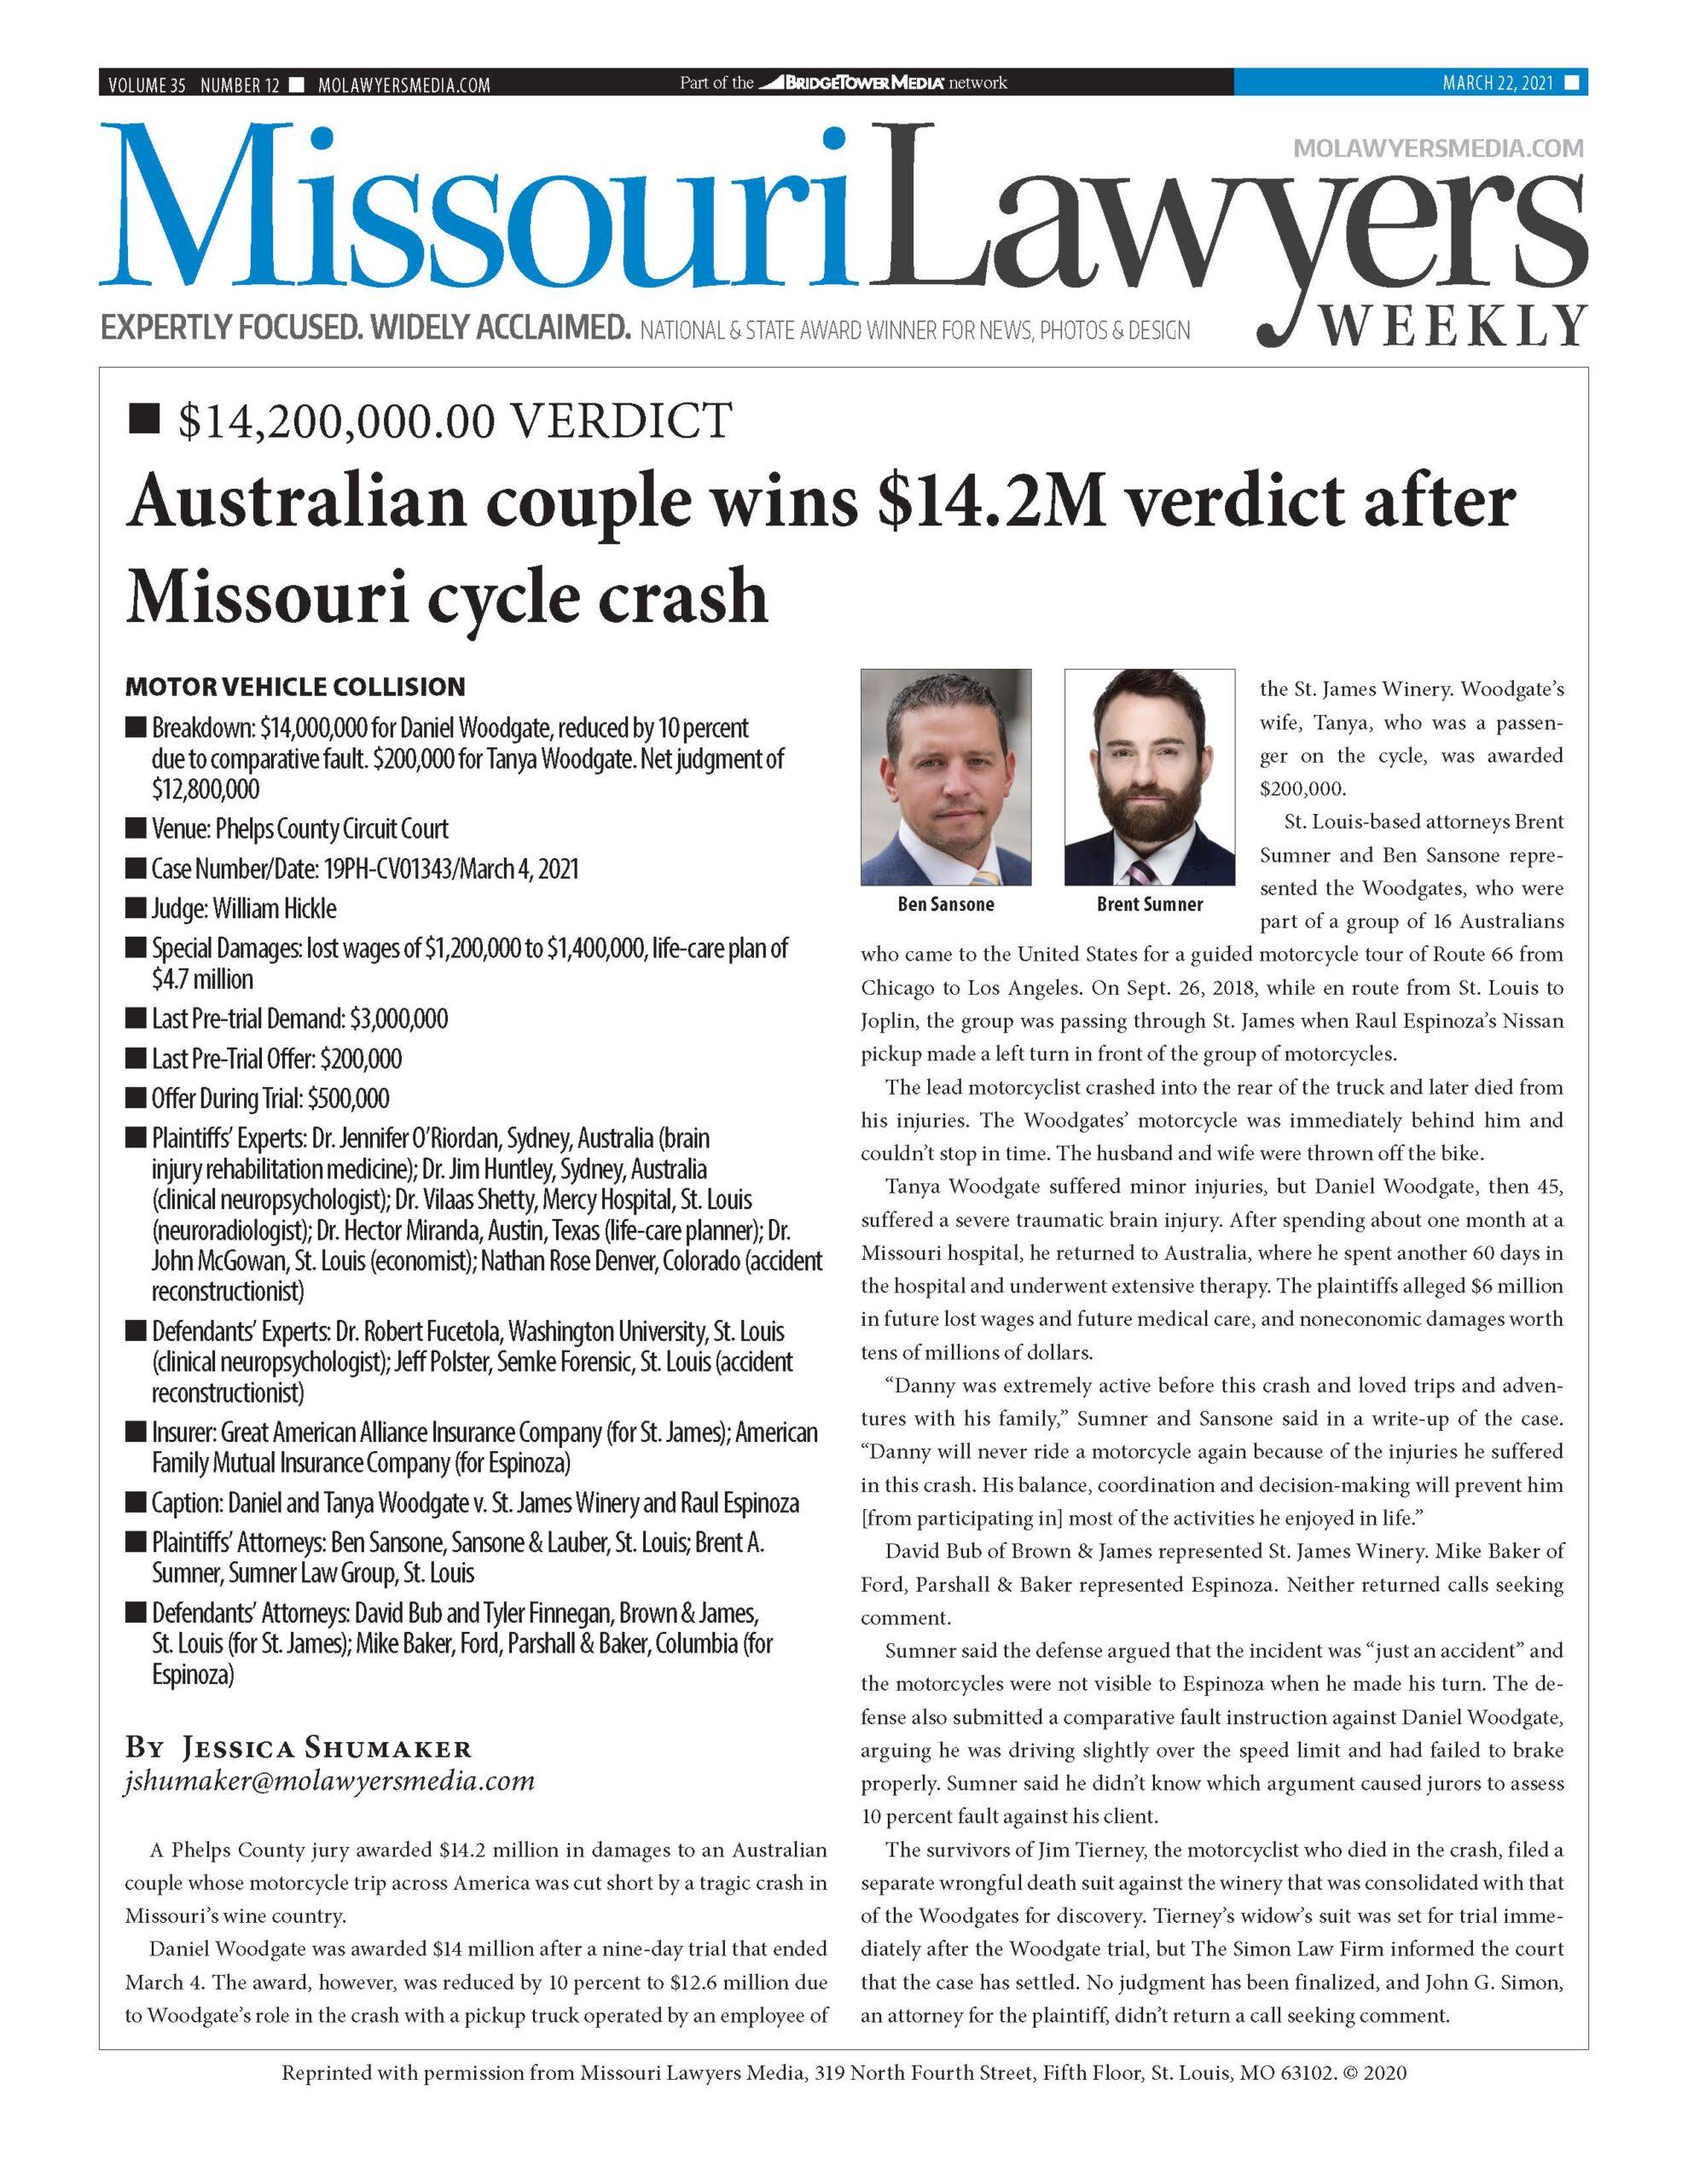 best Missouri lawyers